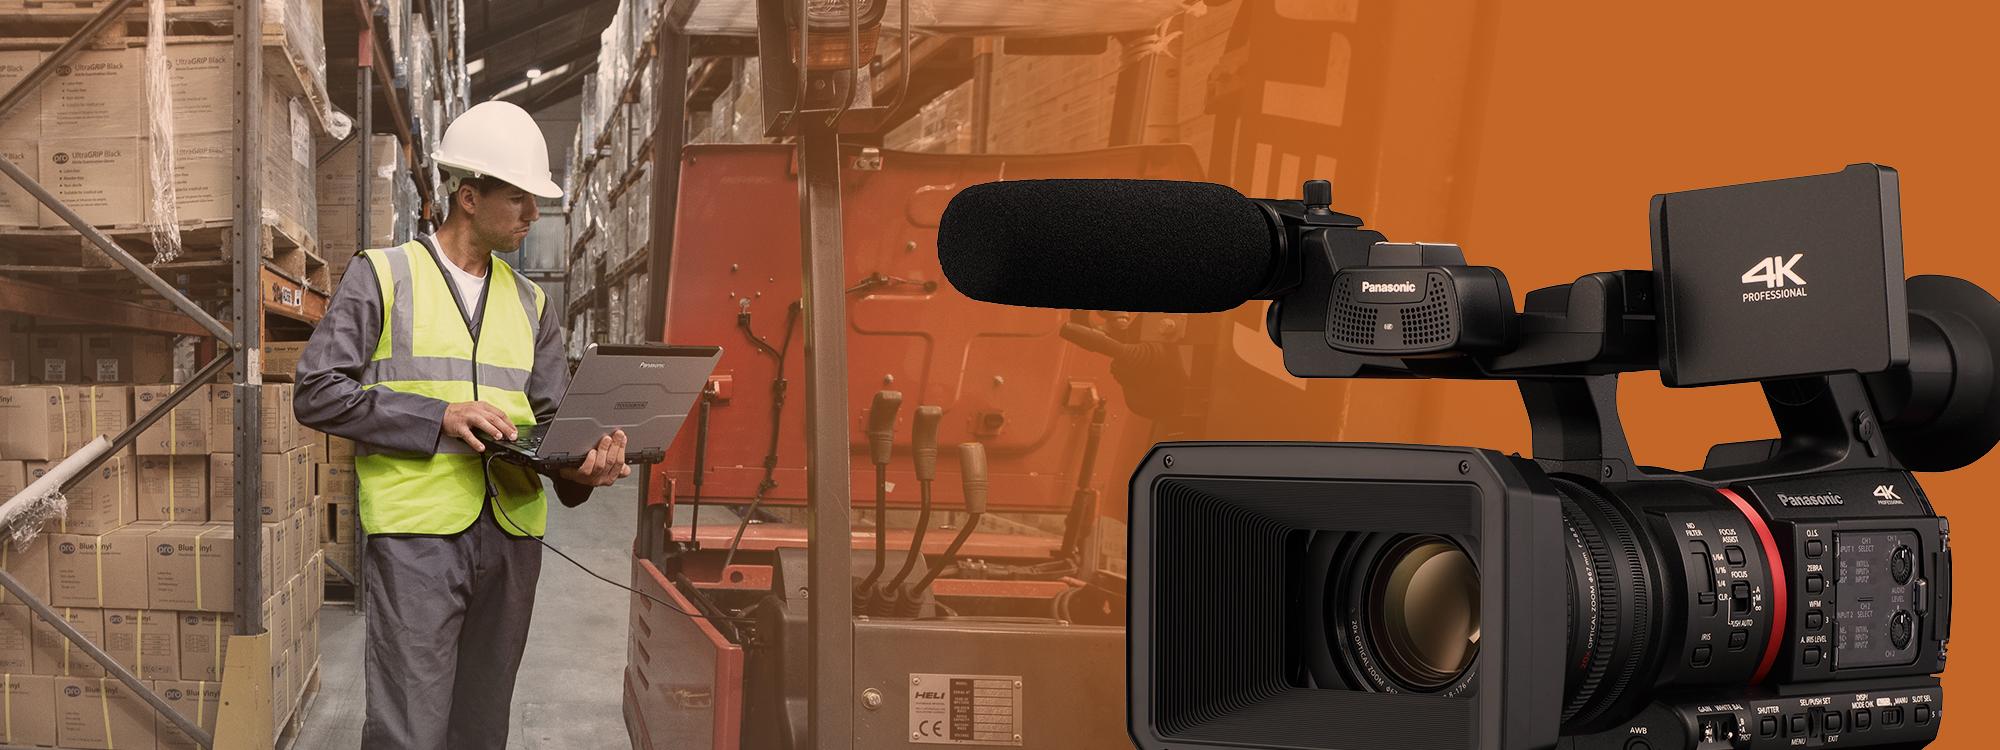 Panasonic-kamera kuvaa miestä varastoympäristössä